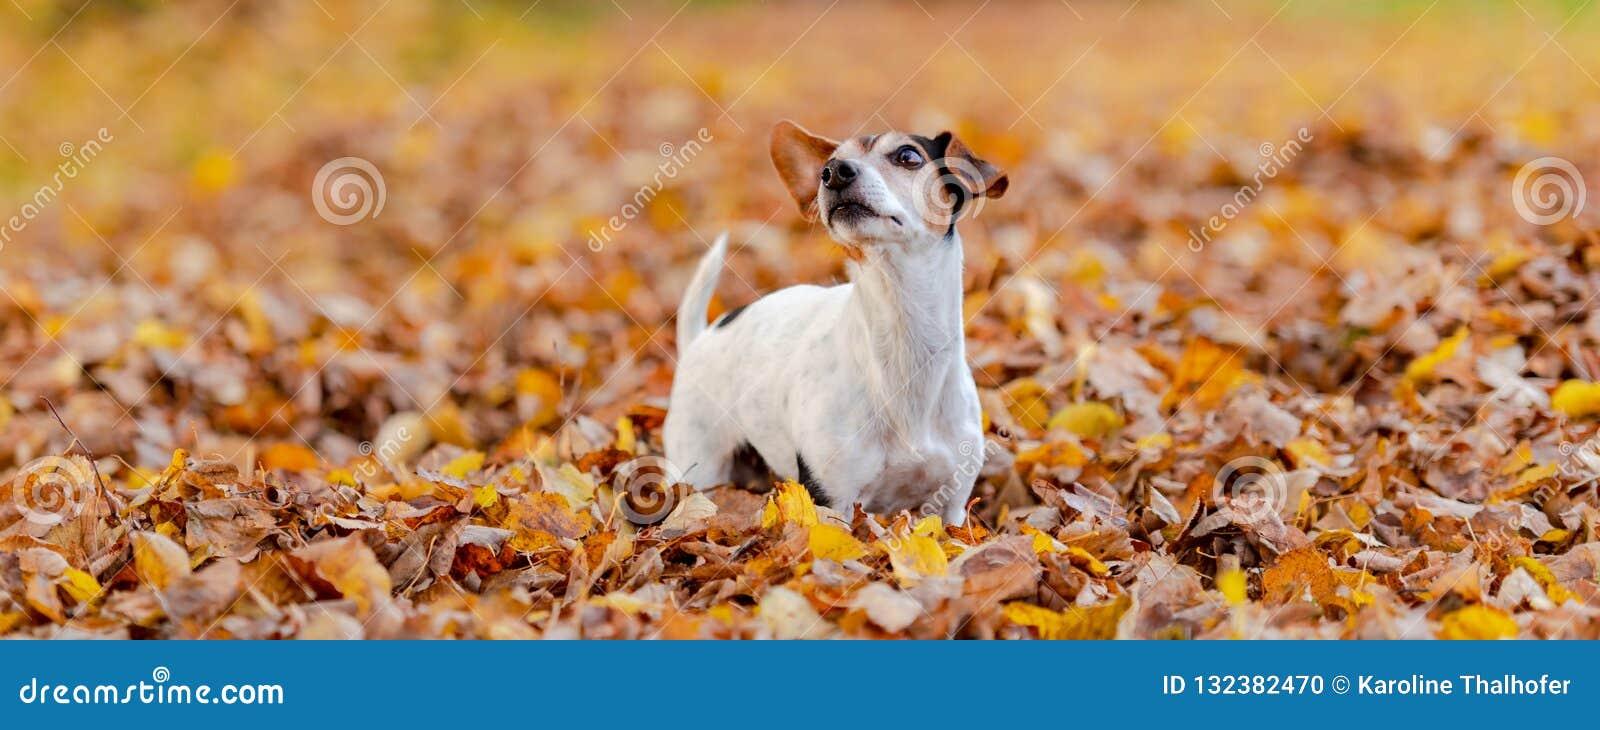 Beatifung kleine hond in de herfstbladeren